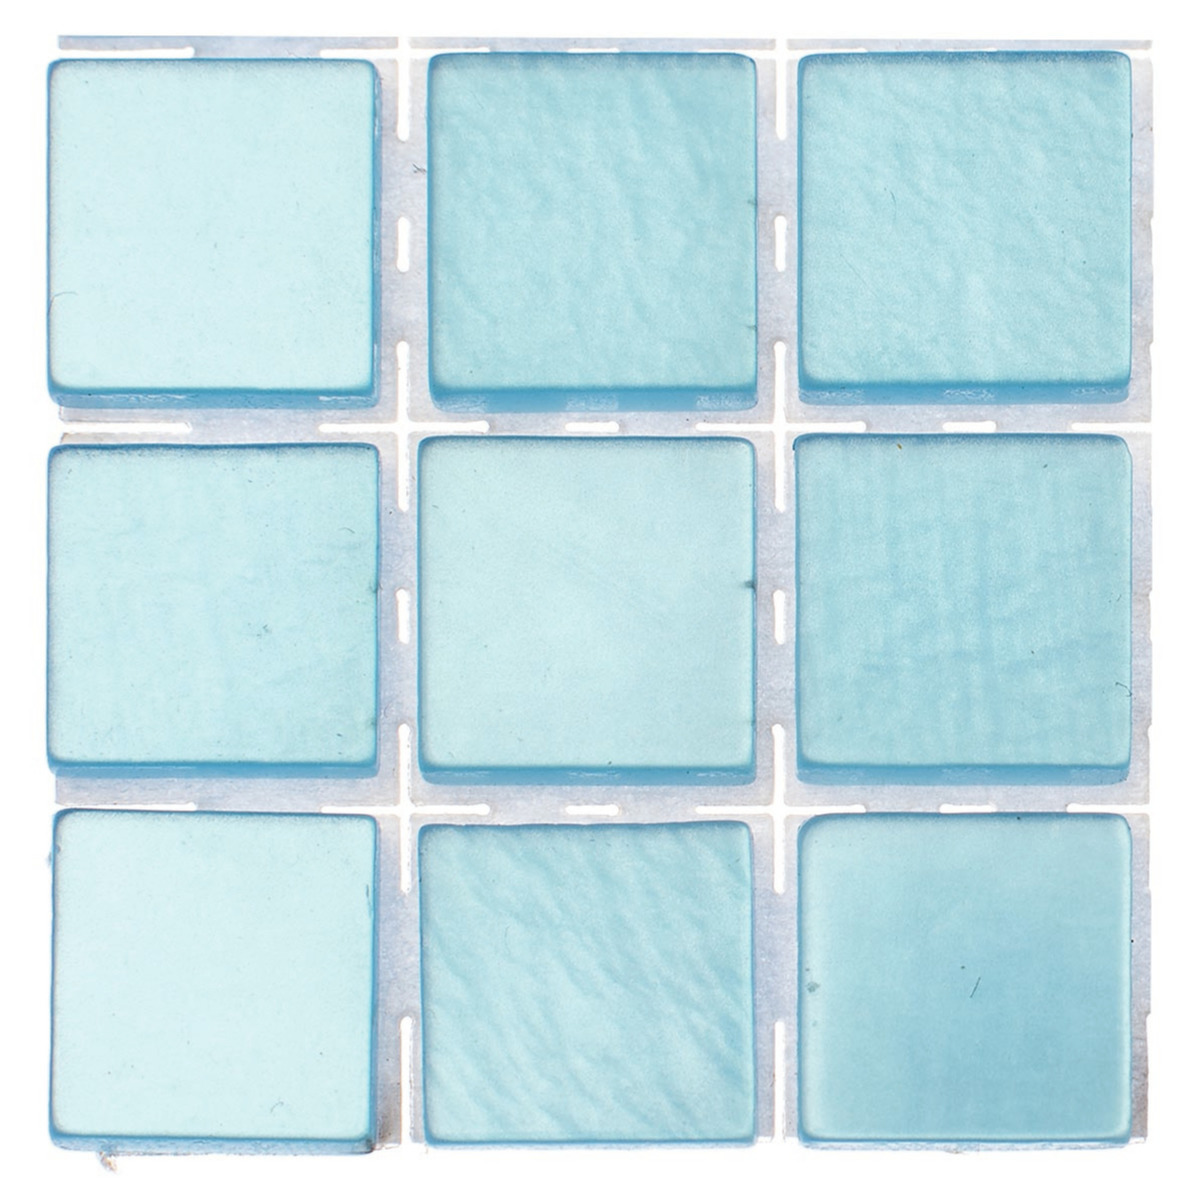 63x stuks mozaieken maken steentjes-tegels kleur lichtblauw 10 x 10 x 2 mm